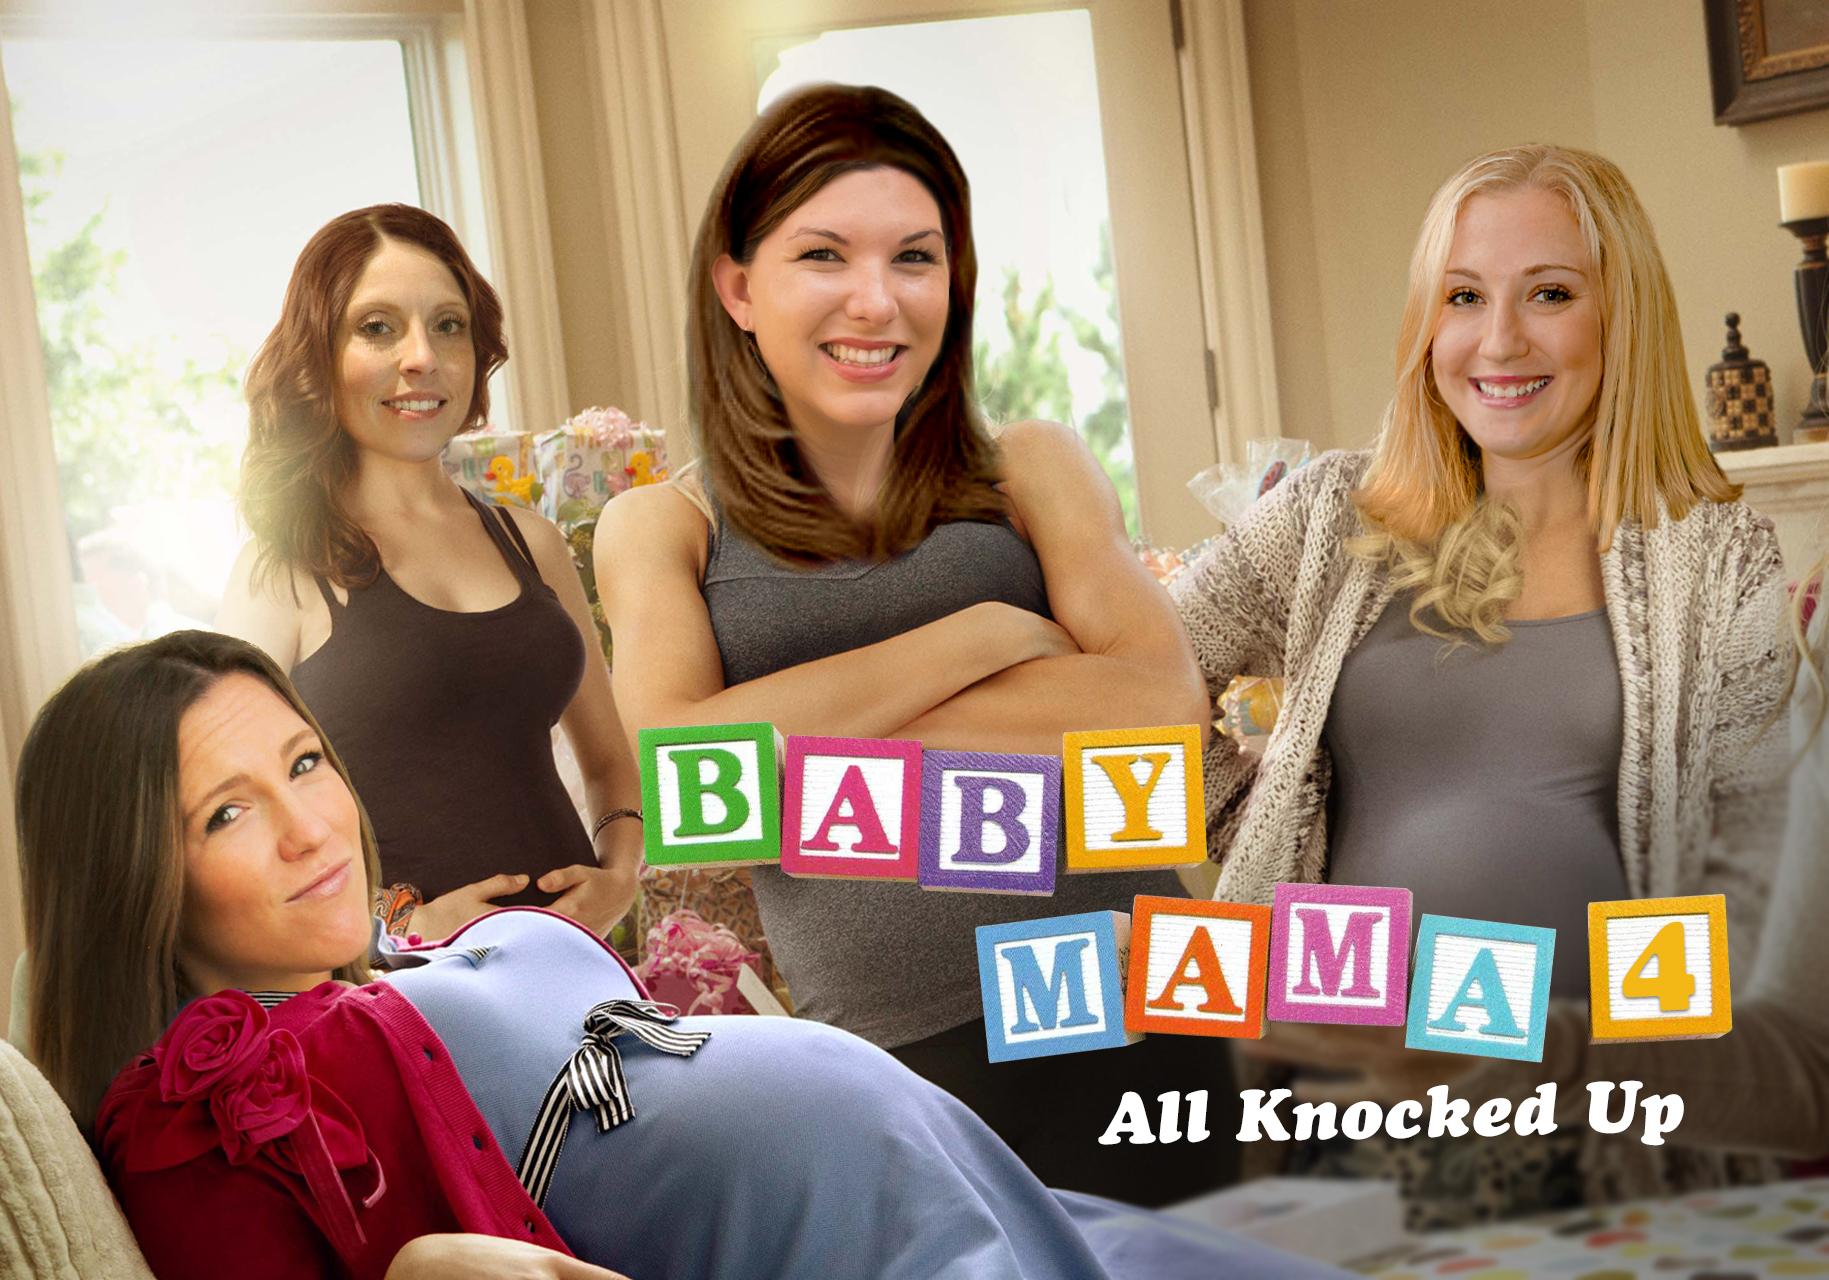 Baby-Mama-4.jpg